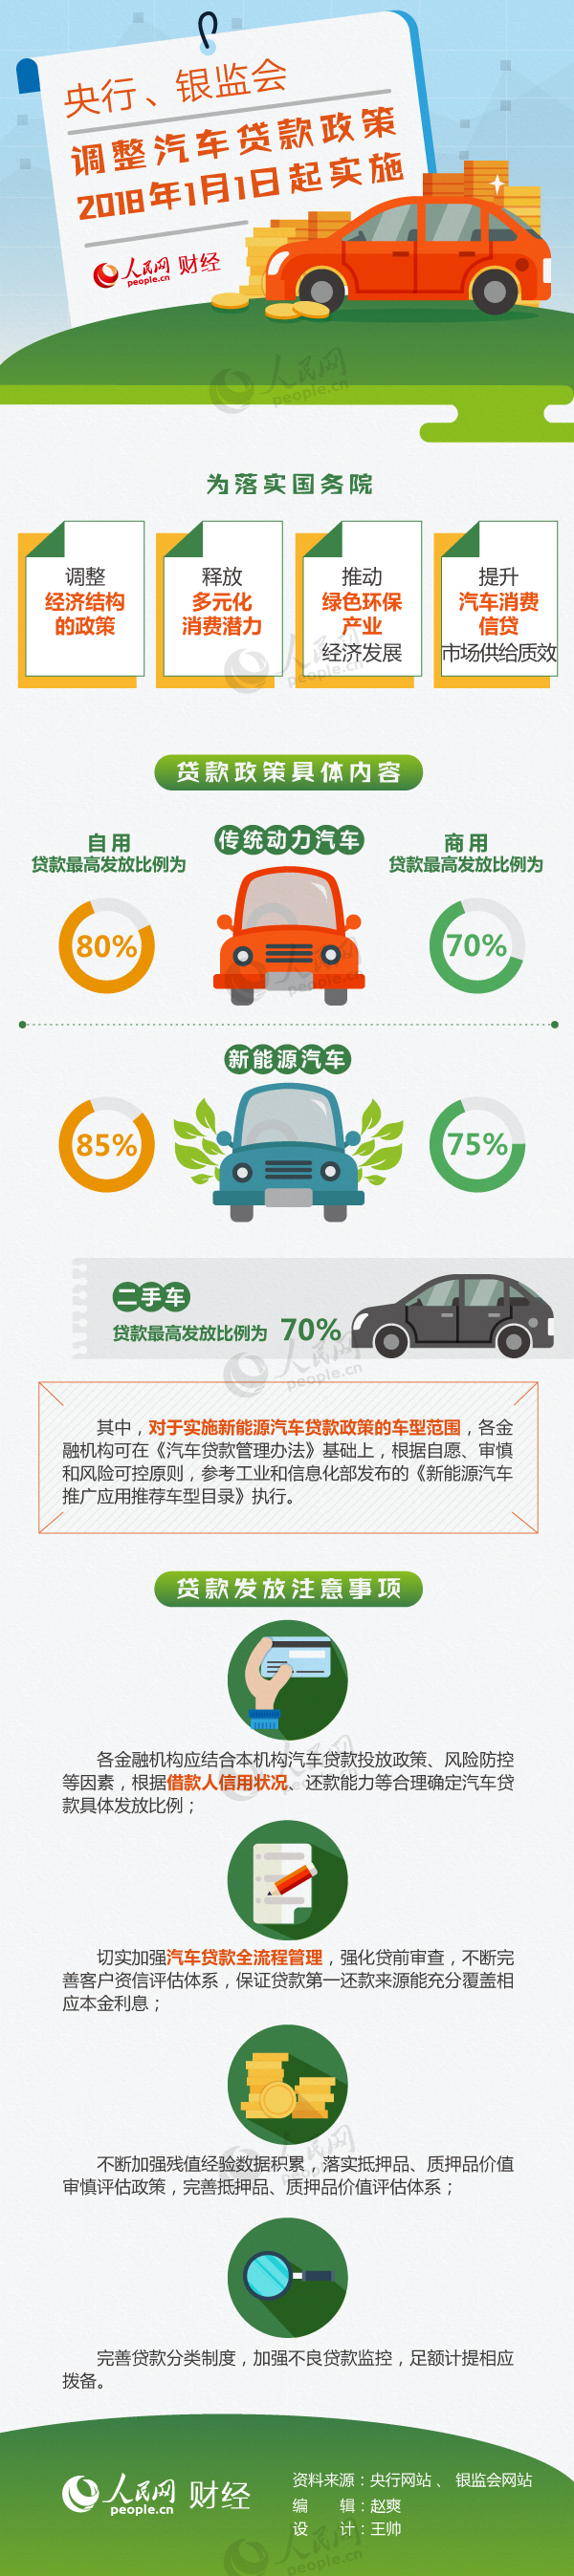 图解:汽车贷款政策明年起调整 二手车贷款最高70%